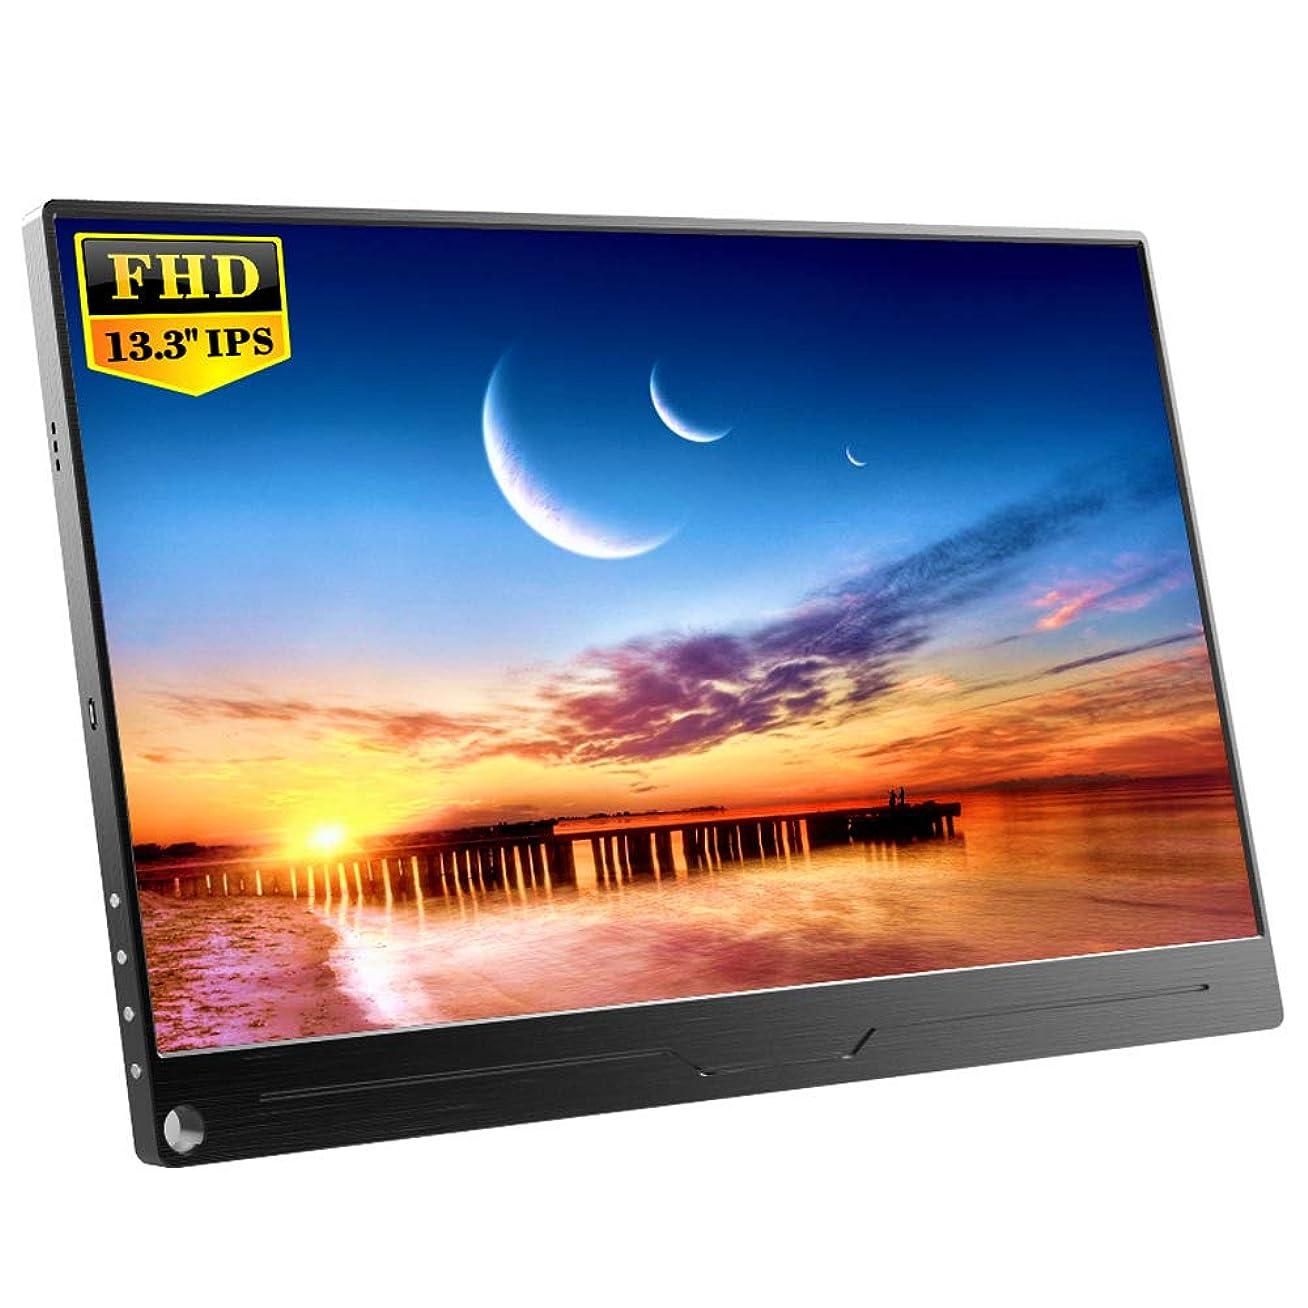 比較的記事見つけたEVICIV 13.3インチ/モバイルモニター/モバイルディスプレイ/薄型/IPSパネル/USB Type-C/標準HDMI/mini DP/スタンド付 EVC-1301